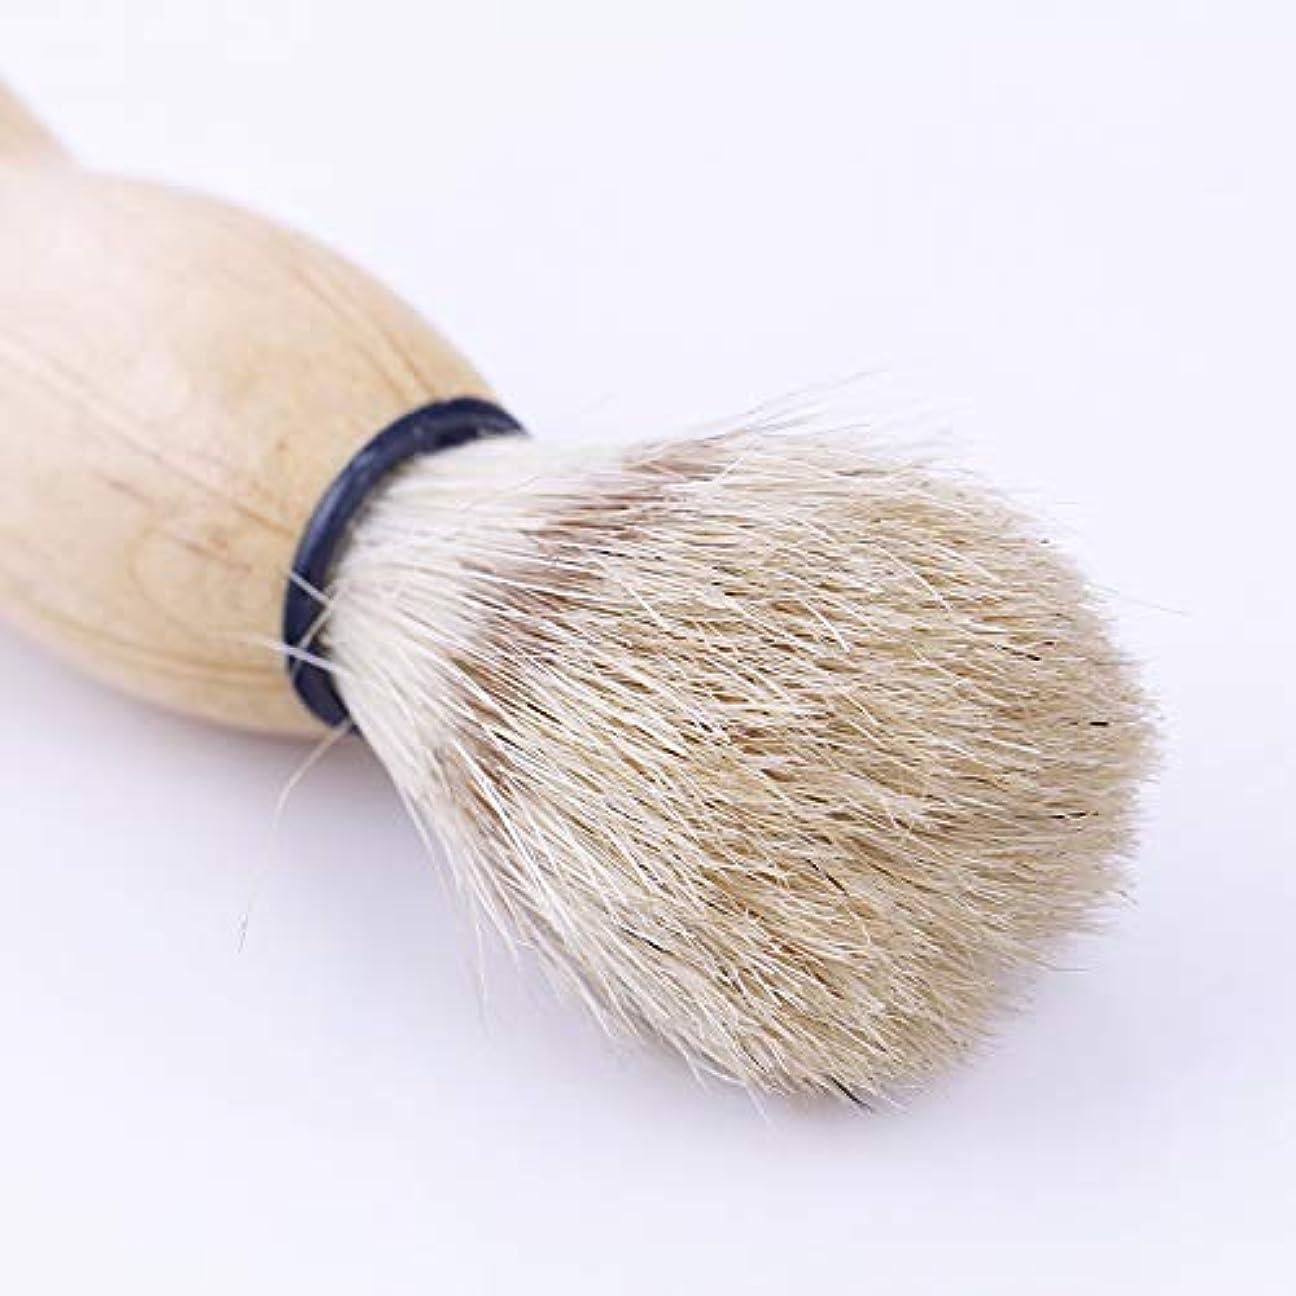 刺繍ひばり繰り返しSMTHOME シェービング用ブラシ メンズ 100% ウール毛 理容 洗顔 髭剃り 泡立ち